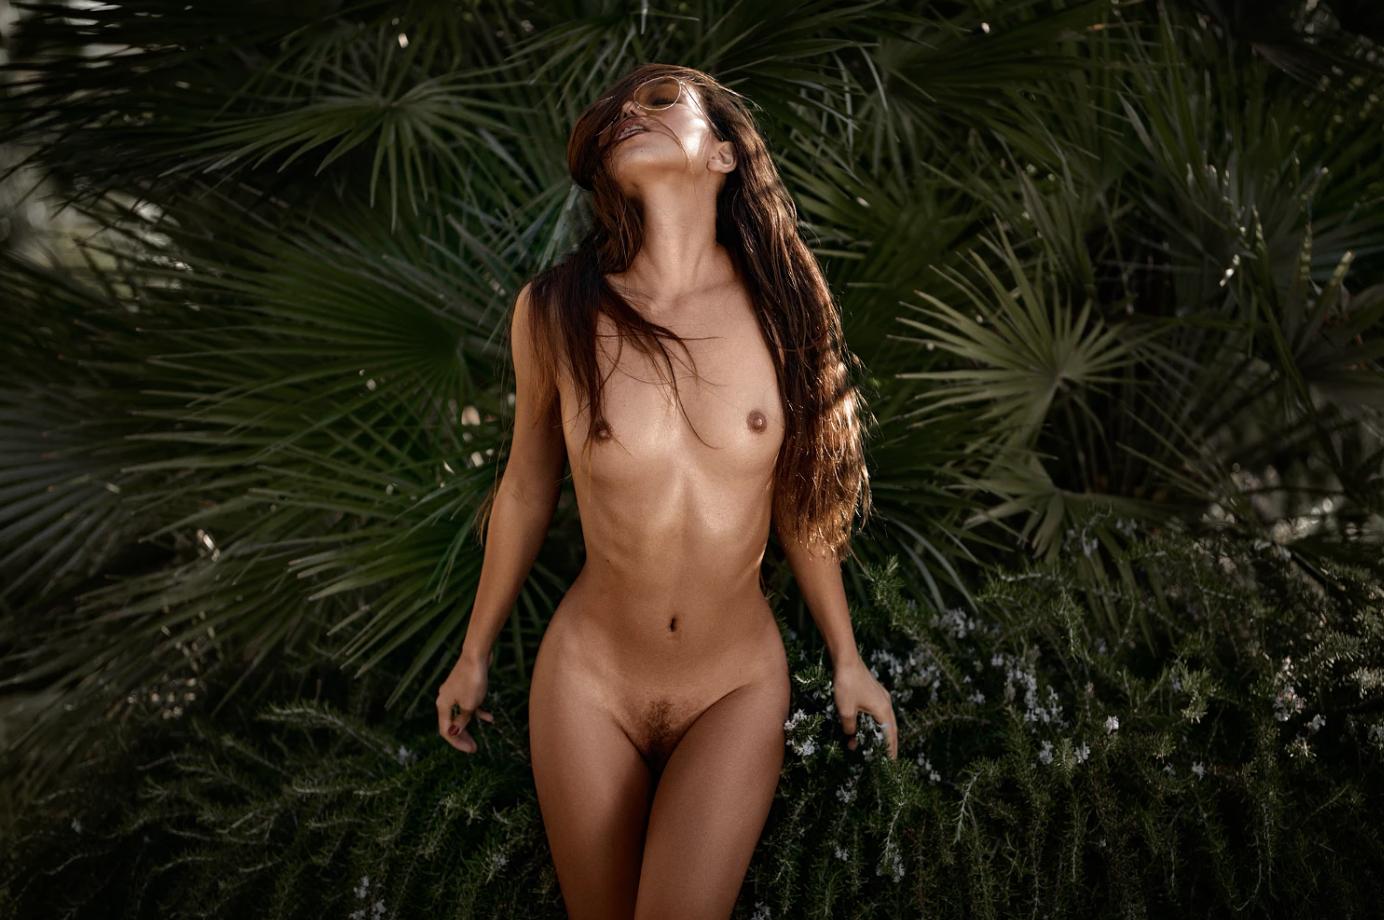 Seks spotkania z innym kochankiem